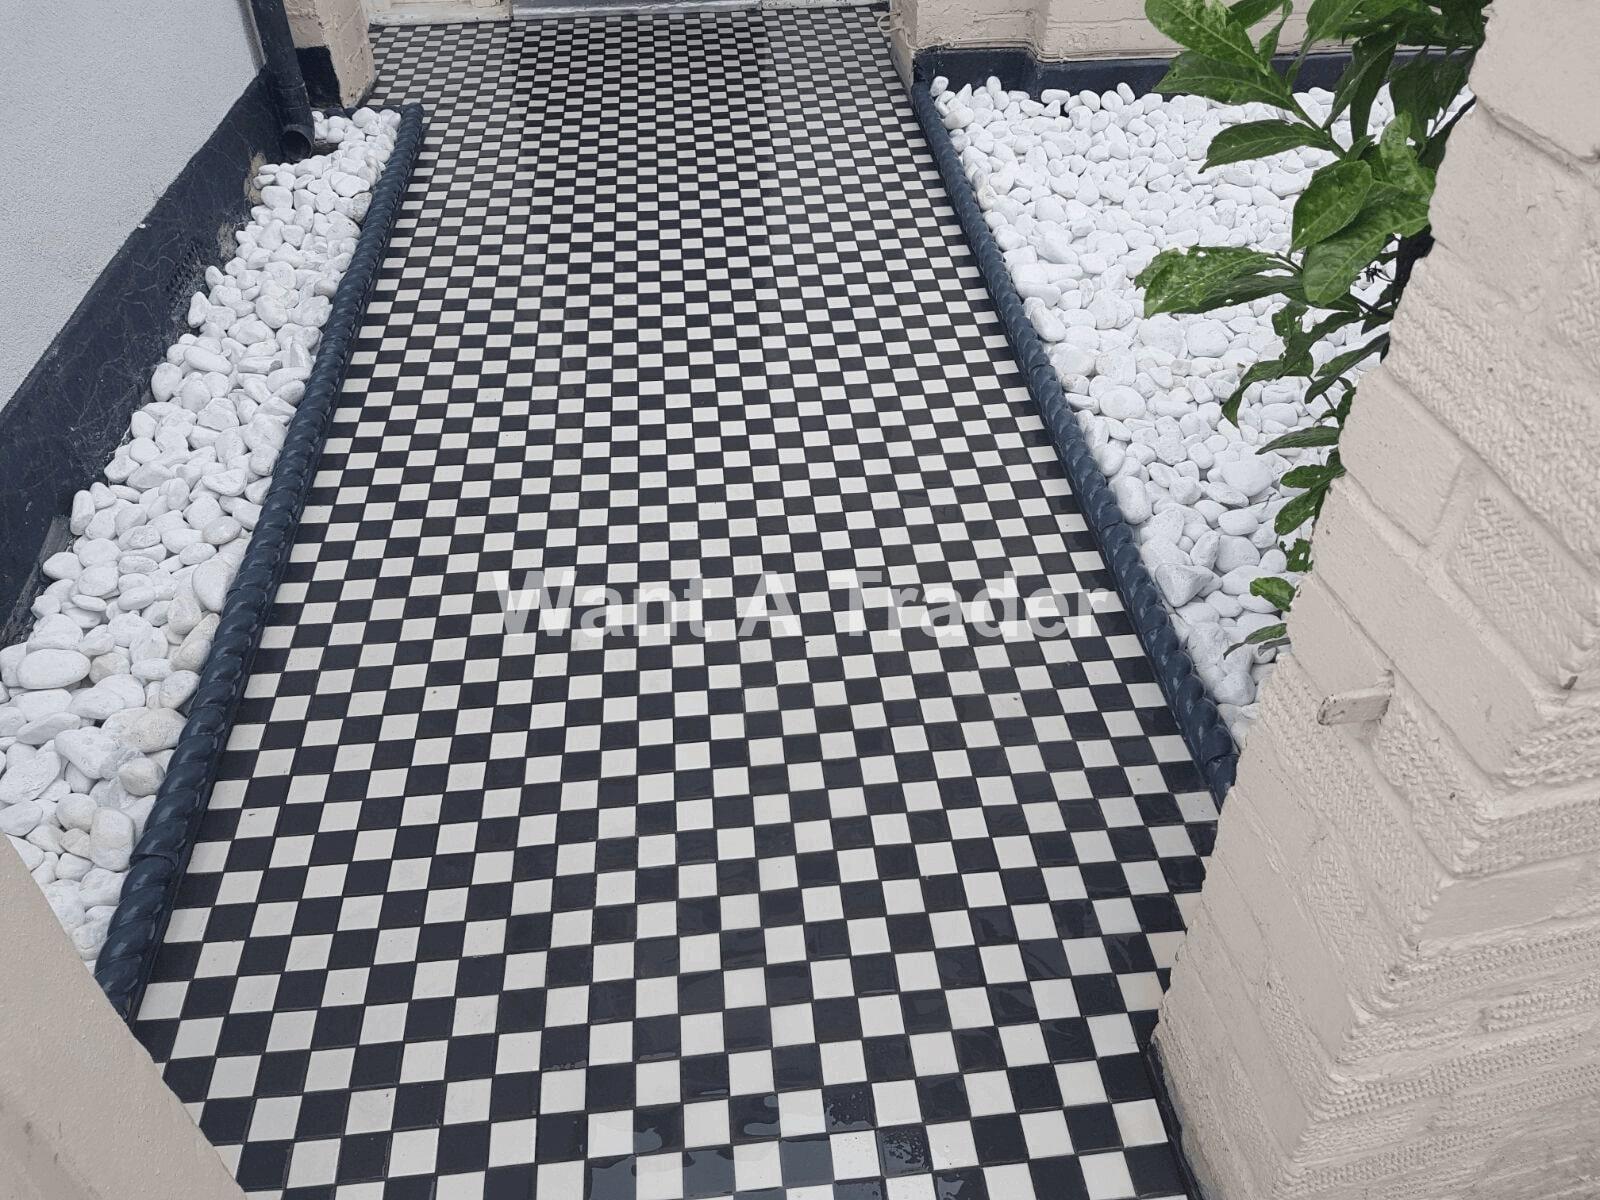 Garden Tiling Company Croydon CR0